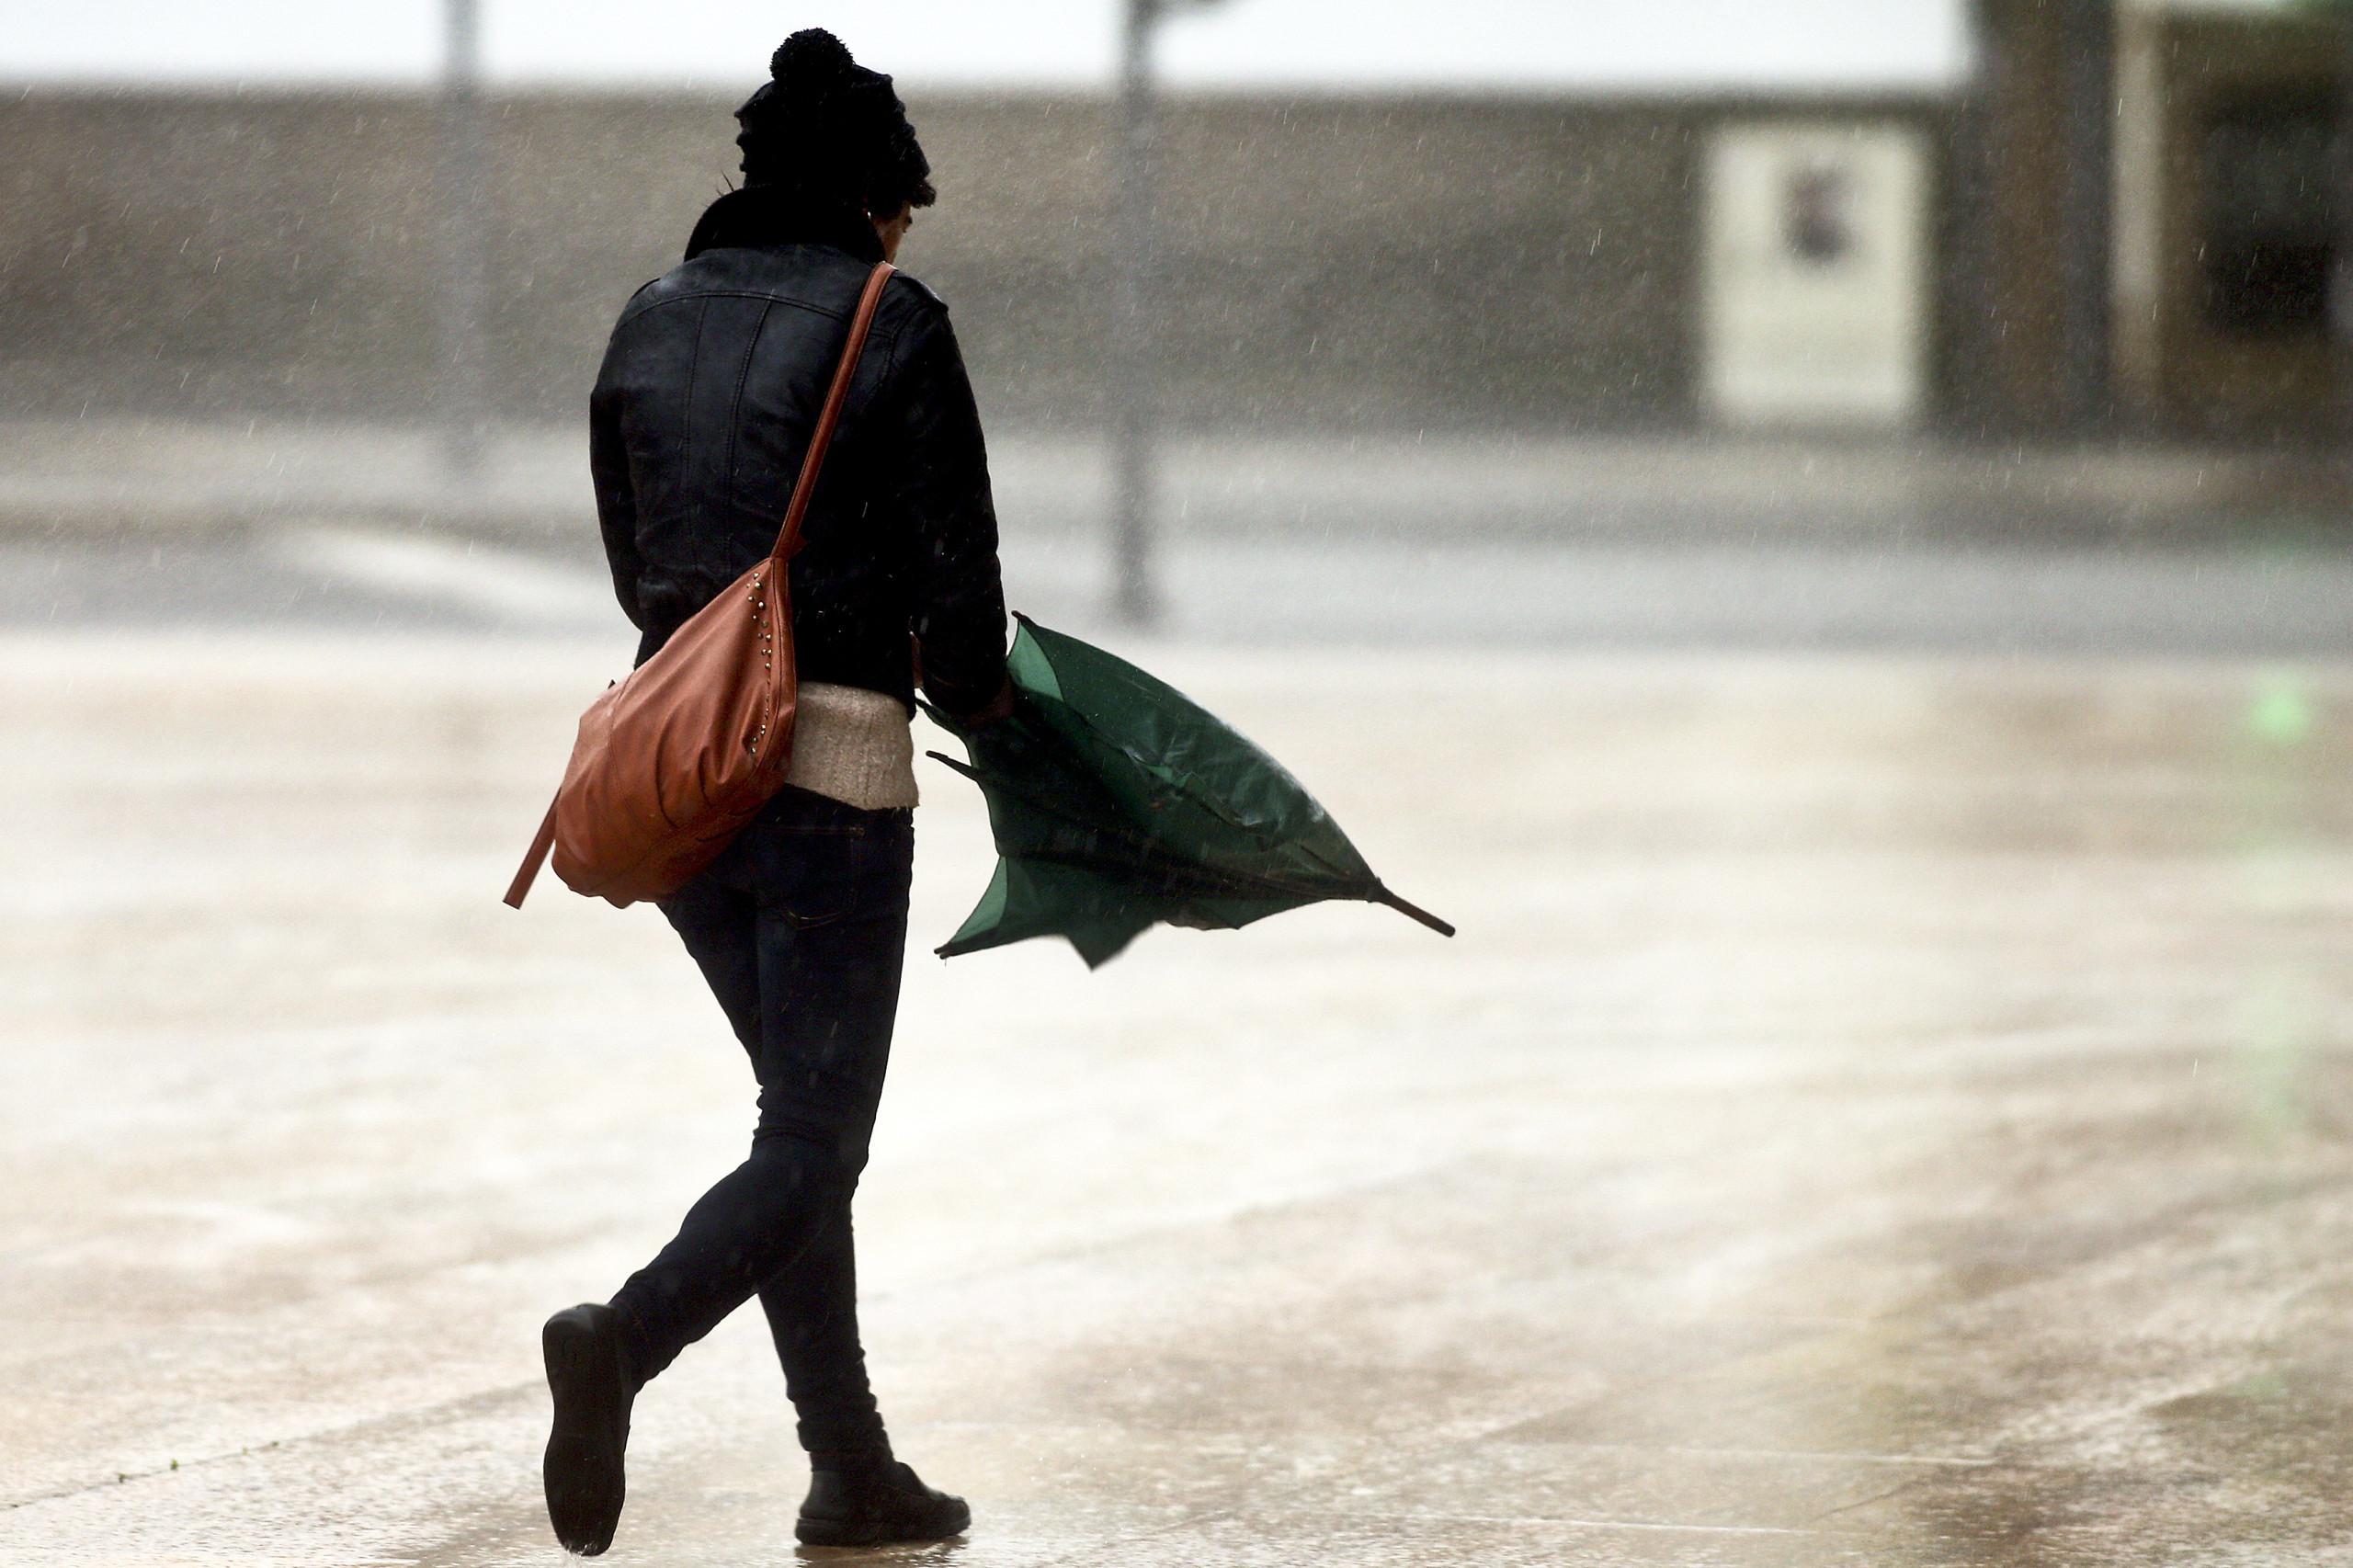 Fim de semana de Páscoa com chuva, mas temperaturas vão subir